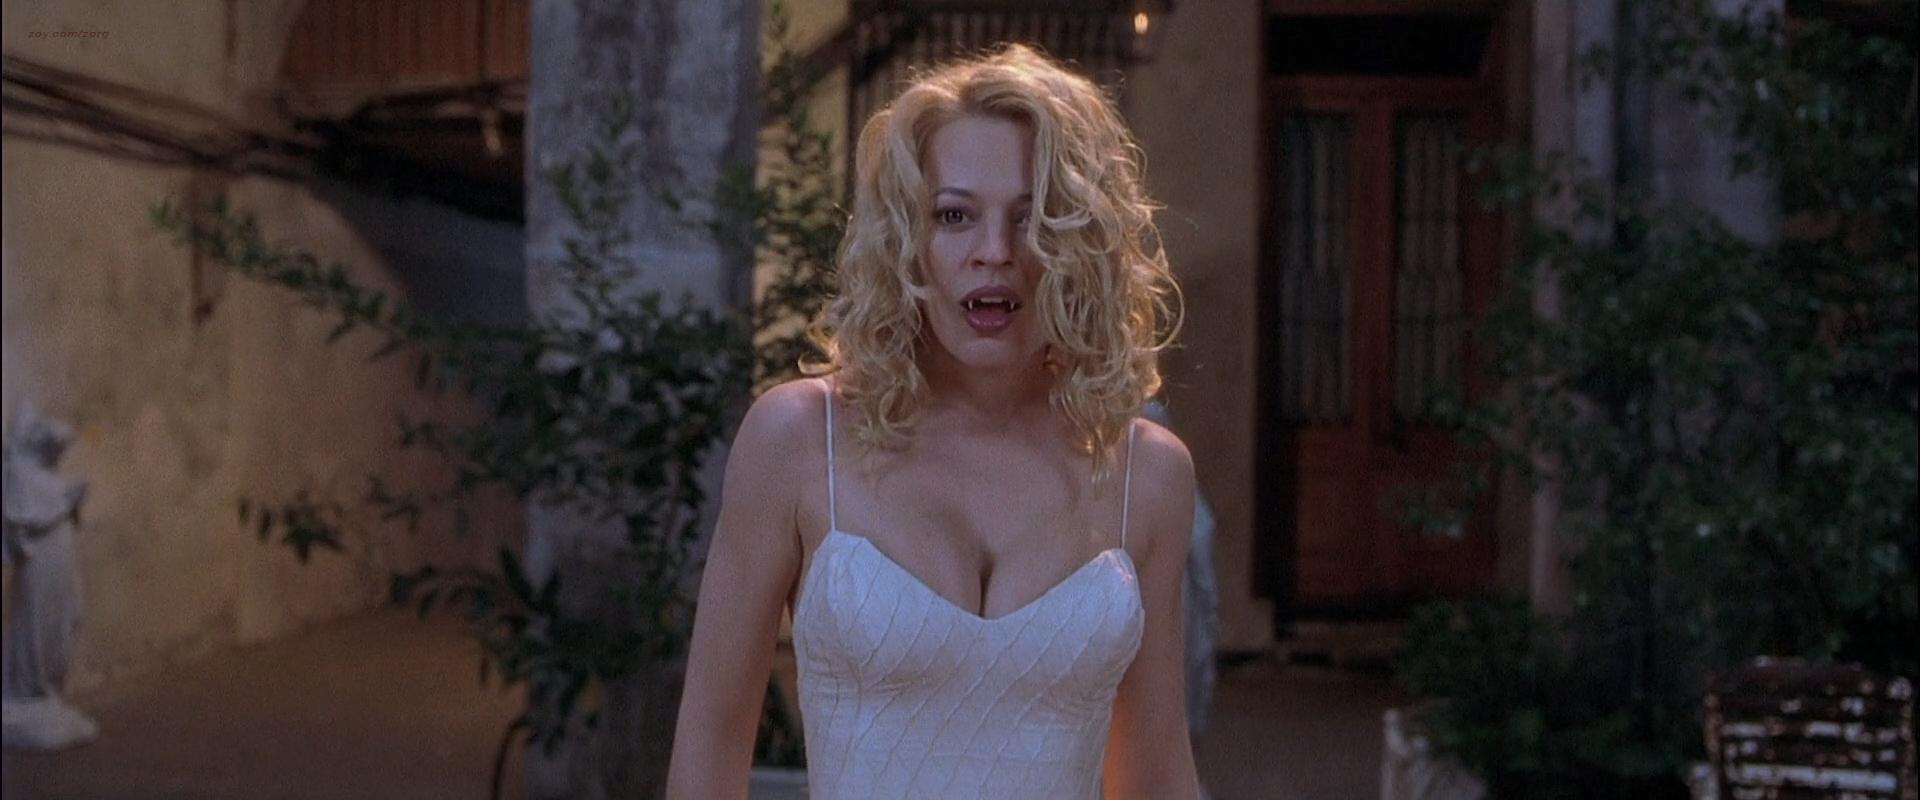 Jennifer lynn warren nude boobs in creature movie - 5 2